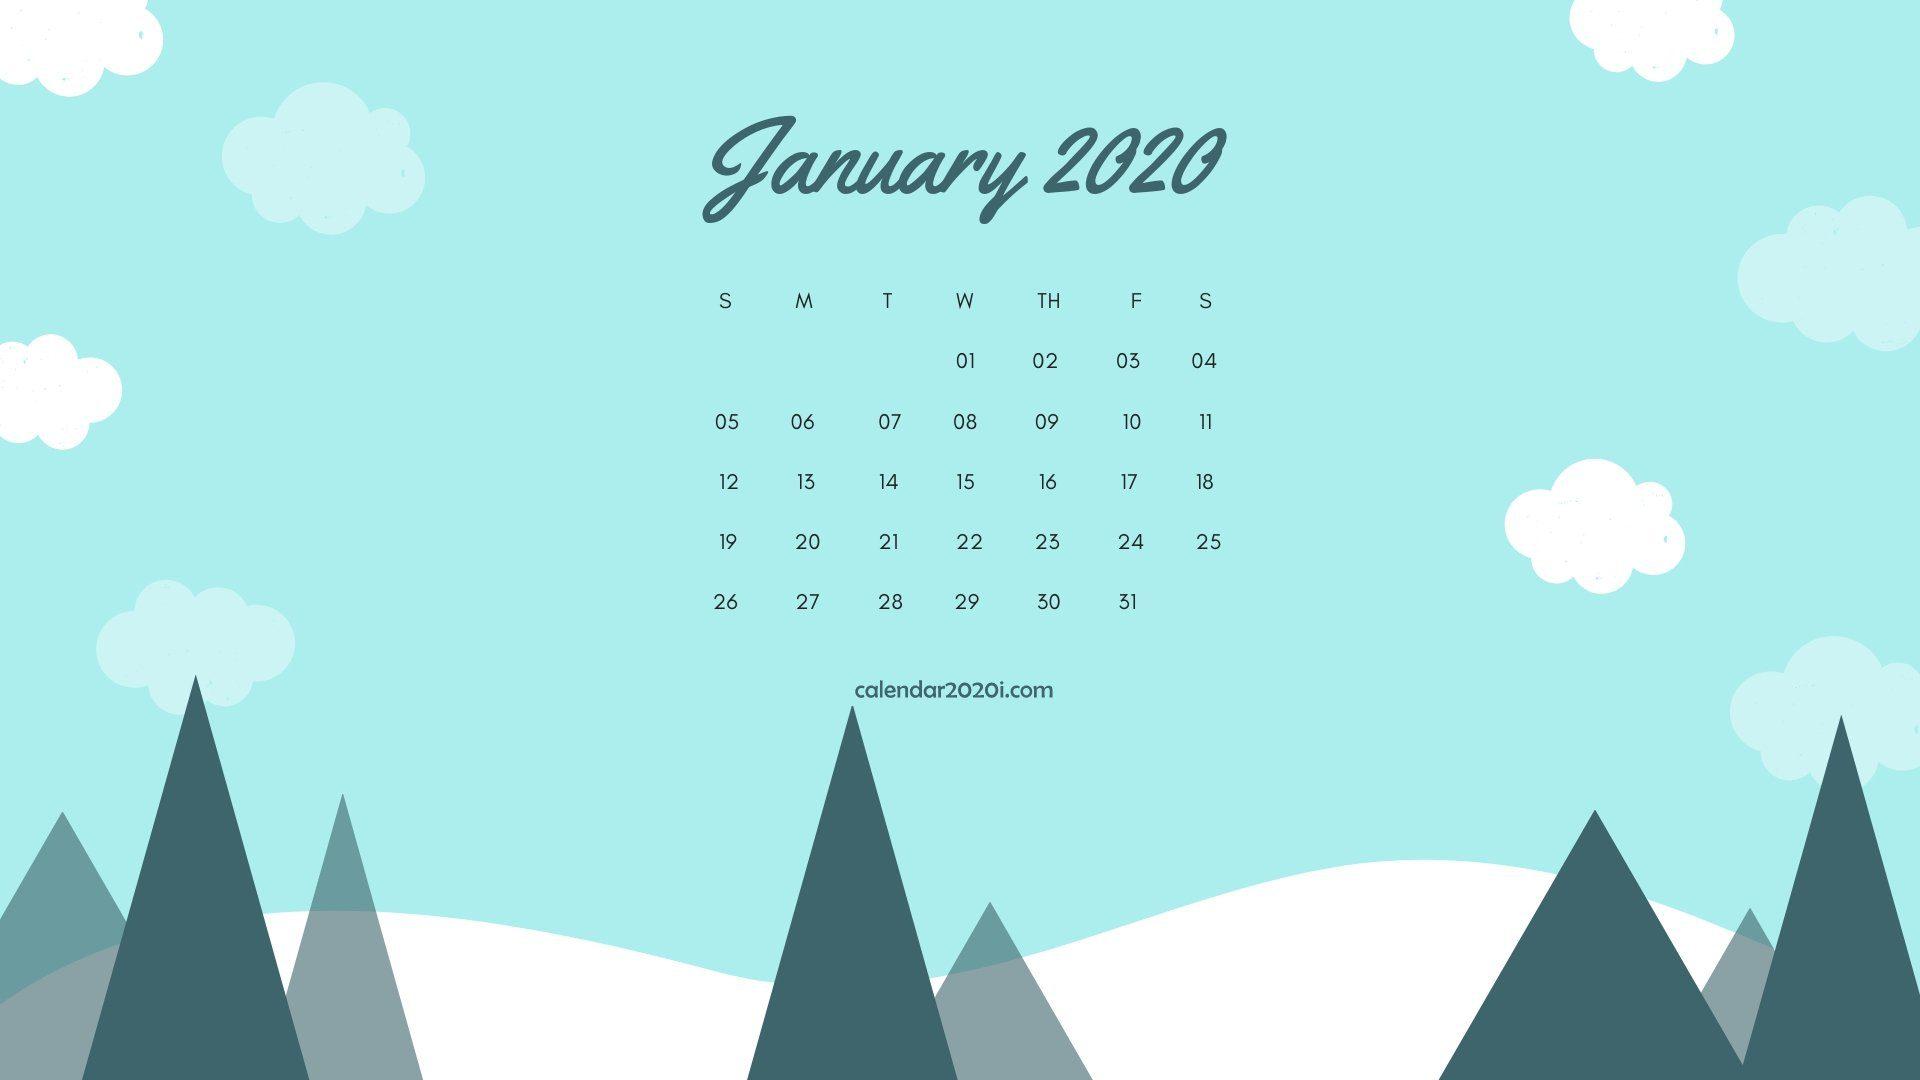 January 2020 Month Calendar Desktop Wallpaper